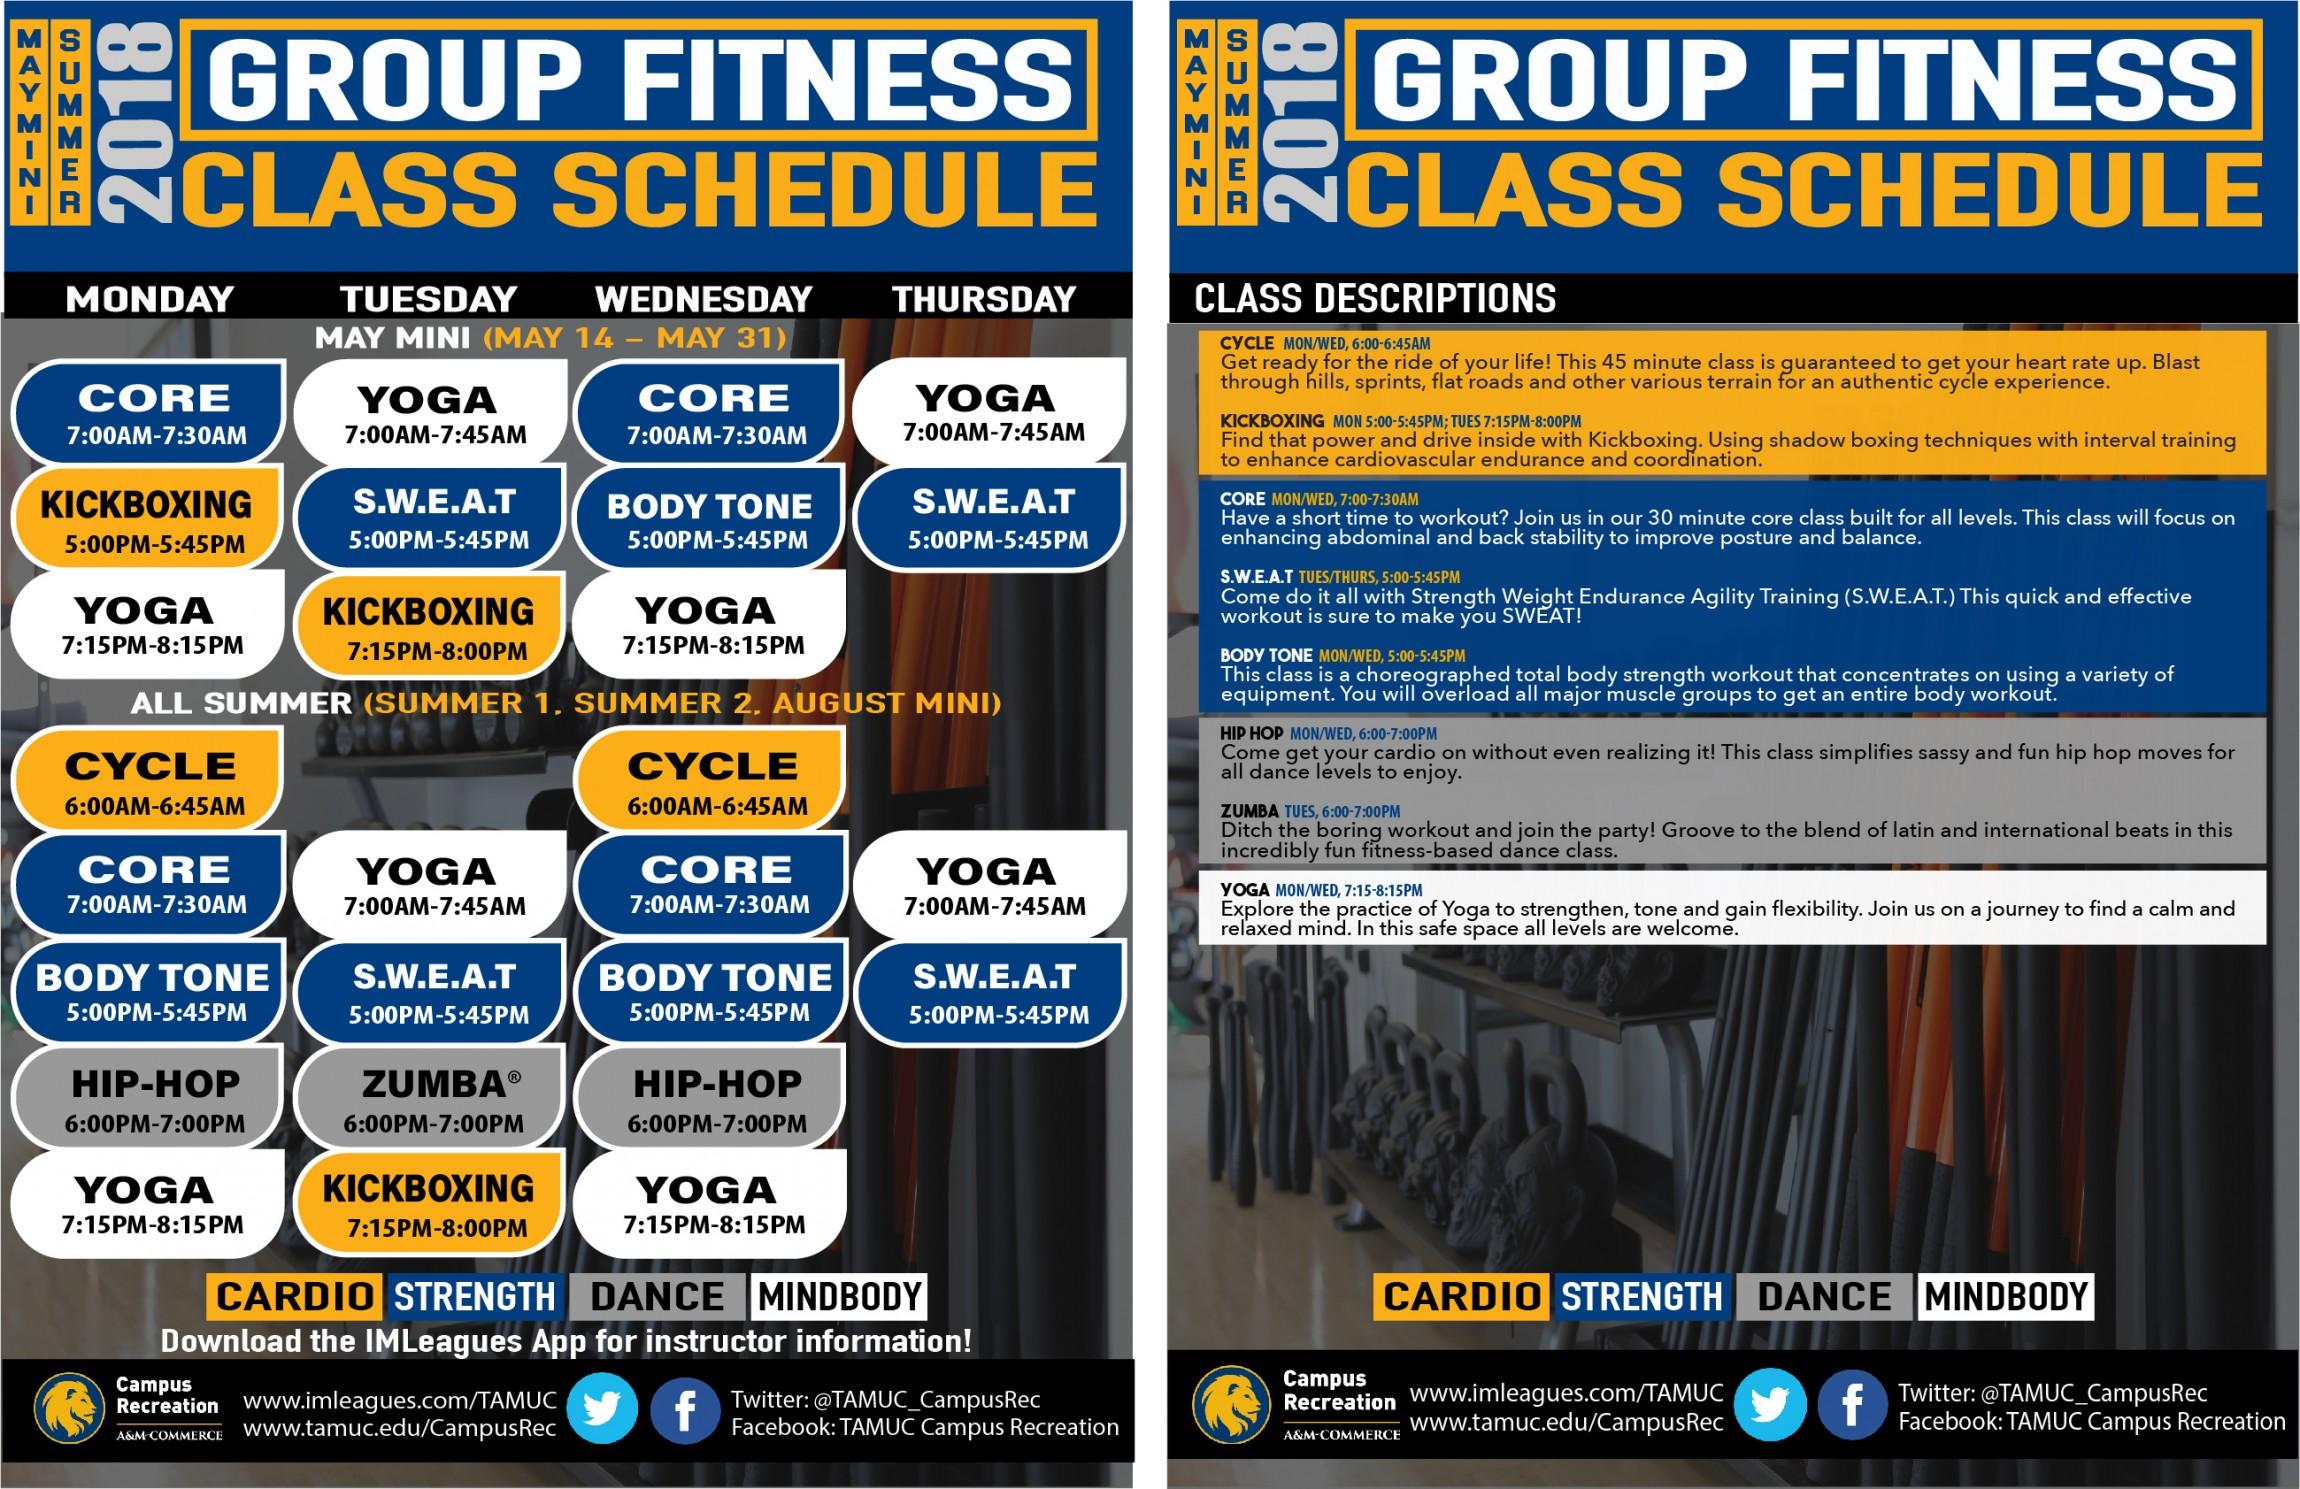 Summer Group Fitness Class Schedule